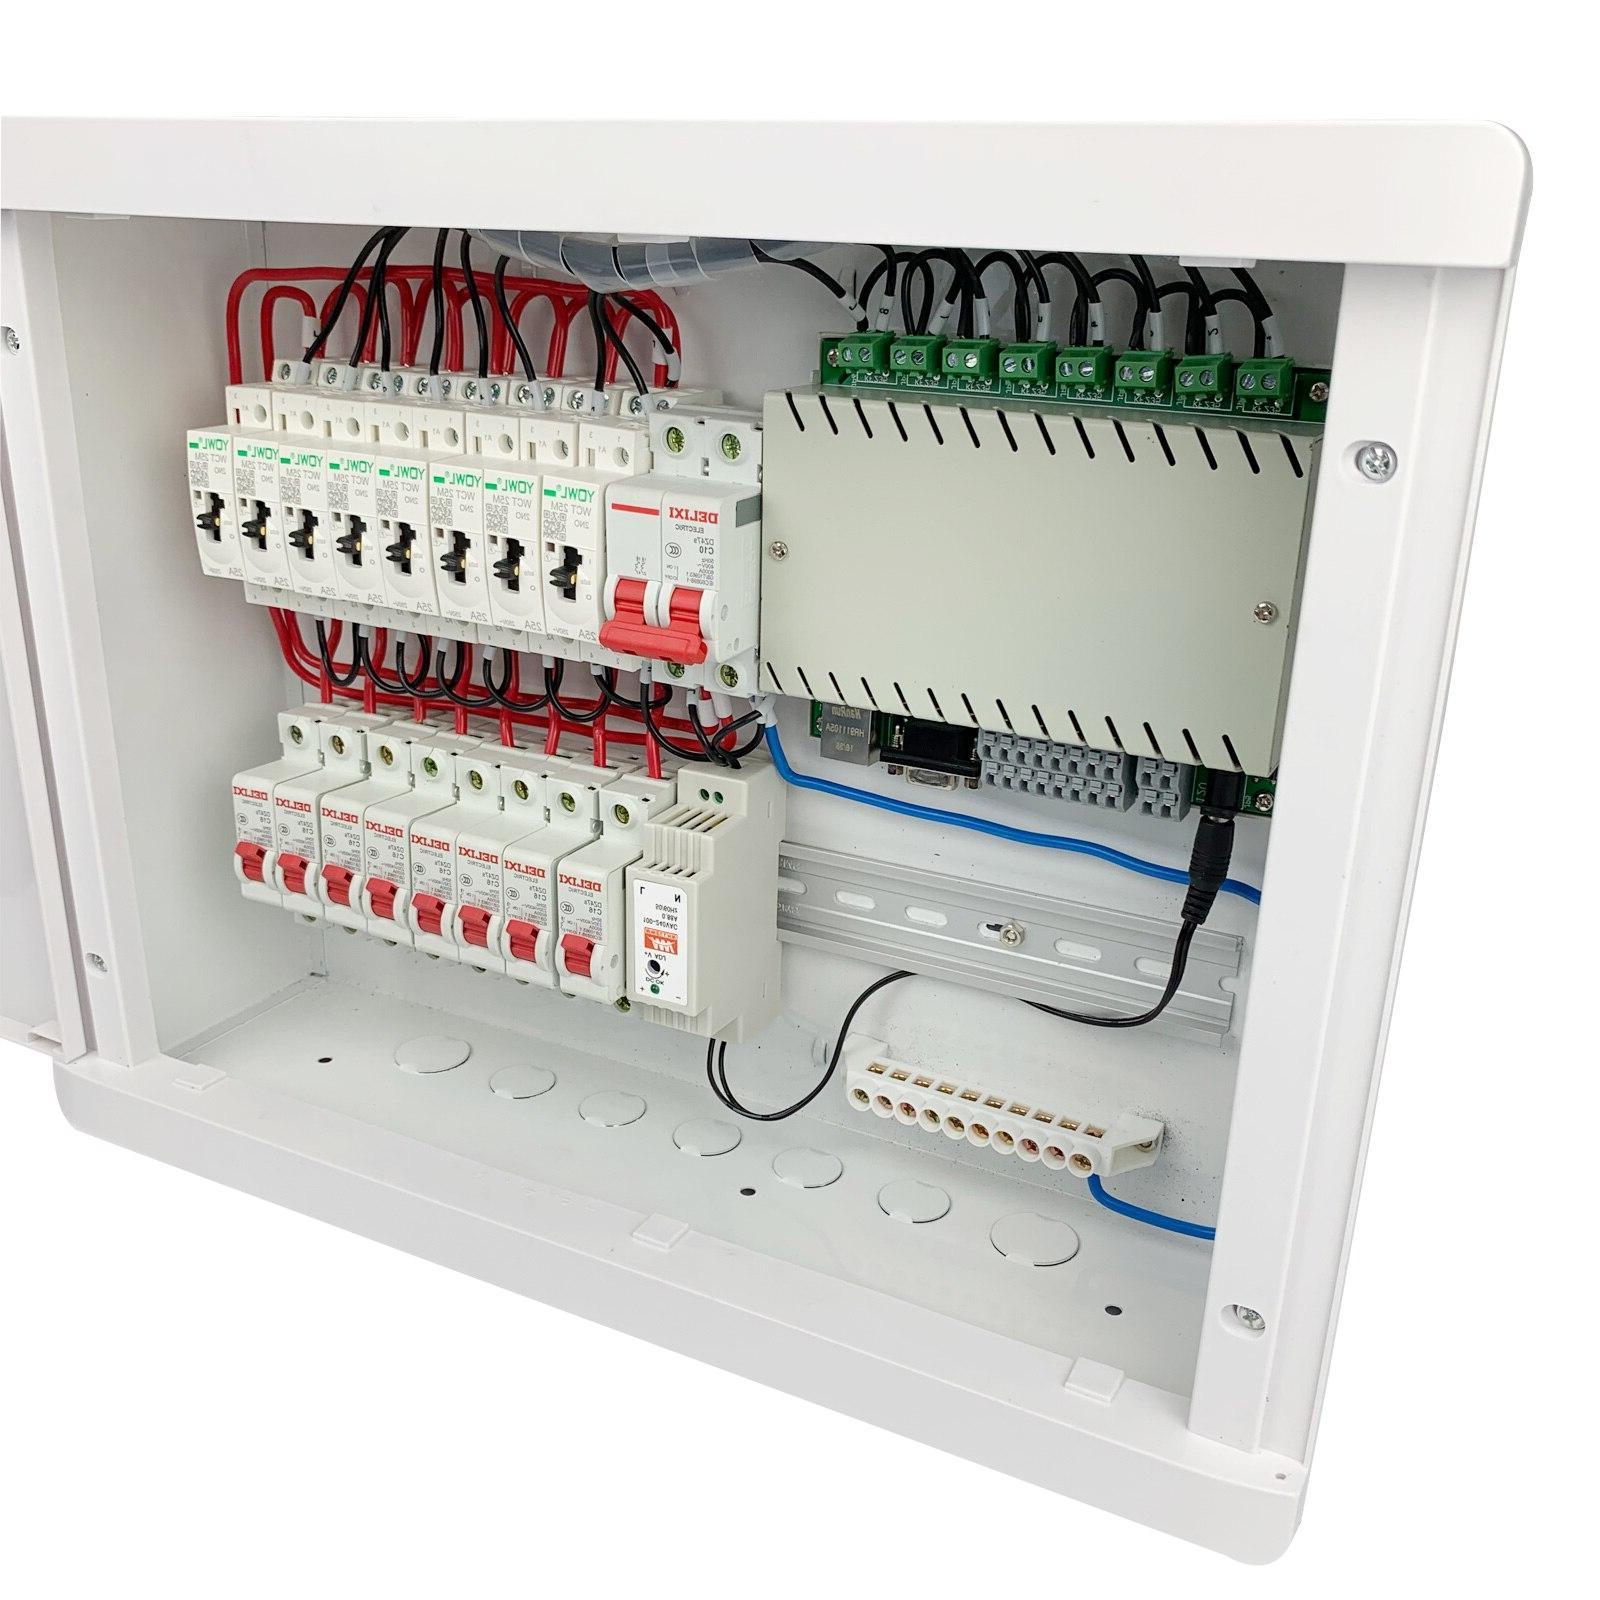 <font><b>Electric</b></font> Distribution Box Unit Board Rack For <font><b>Equipment</b></font> Smart <font><b>Home</b></font> Module